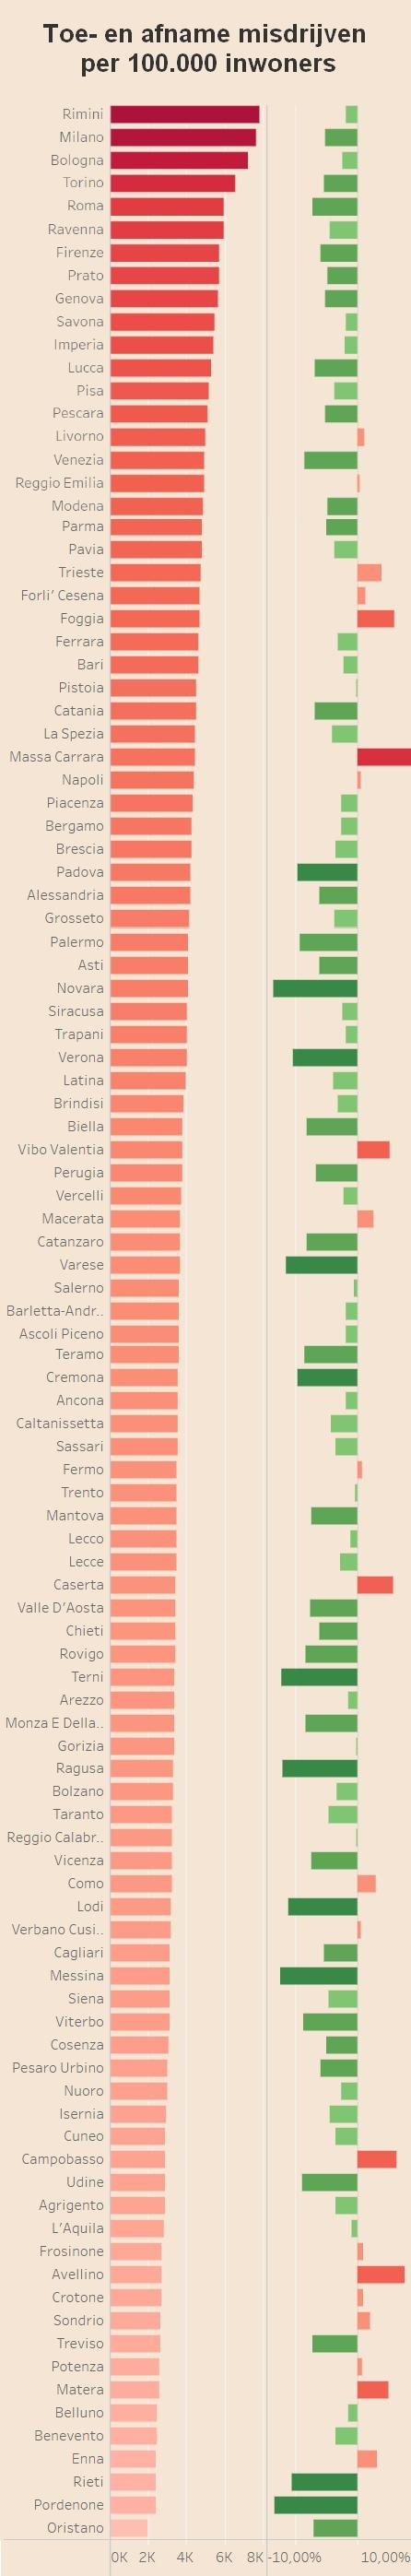 criminaliteit-misdrijven-veiligheid-in-italie